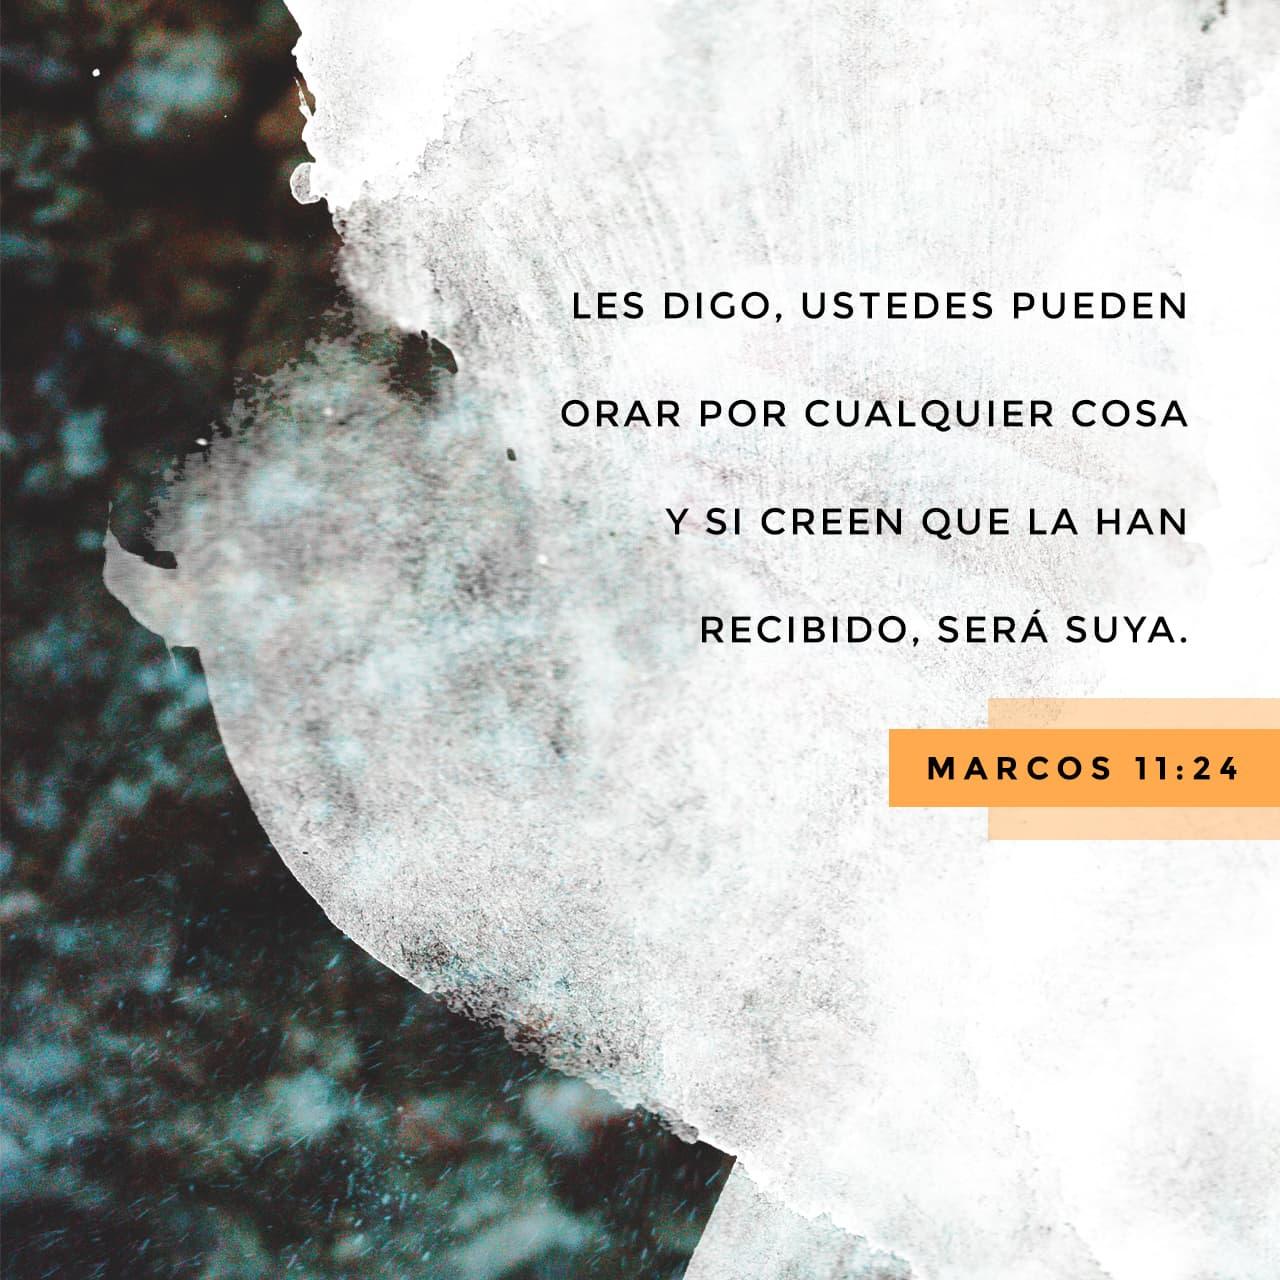 Versiculos De La Biblia De Animo: 70 Versículos De La Biblia Acerca De Recibir